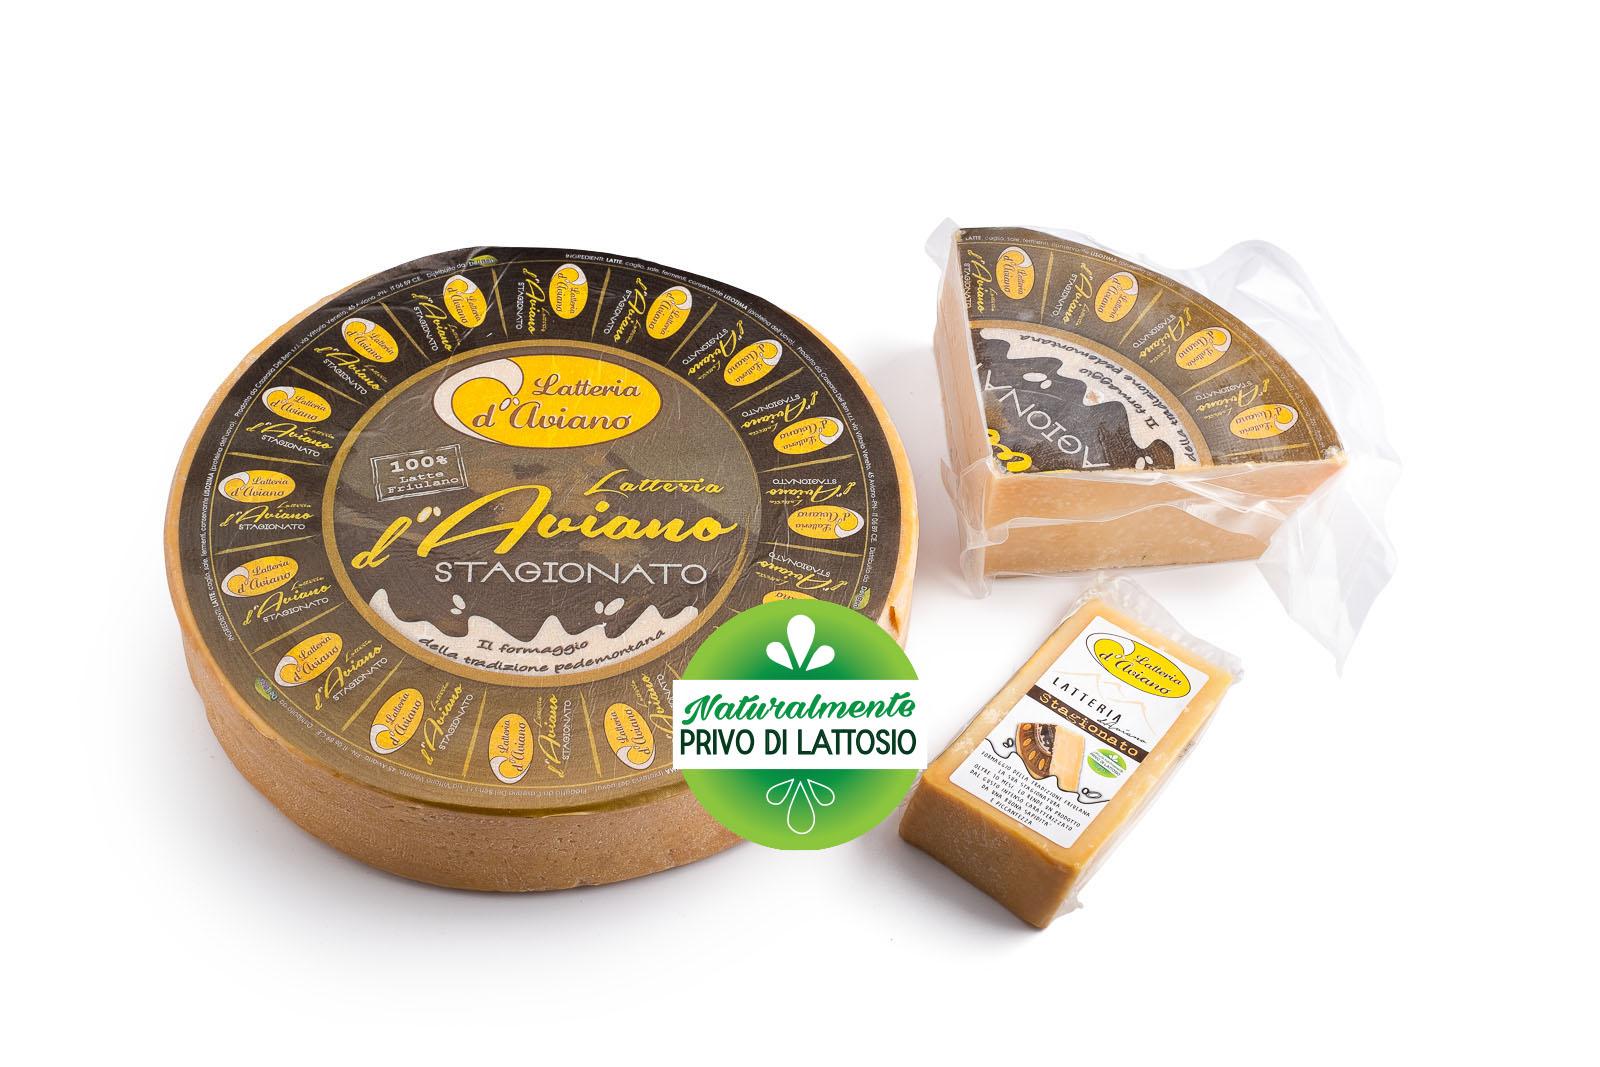 Formaggio - senza lattosio - latteria d'Aviano stagionato - Del Ben formaggi